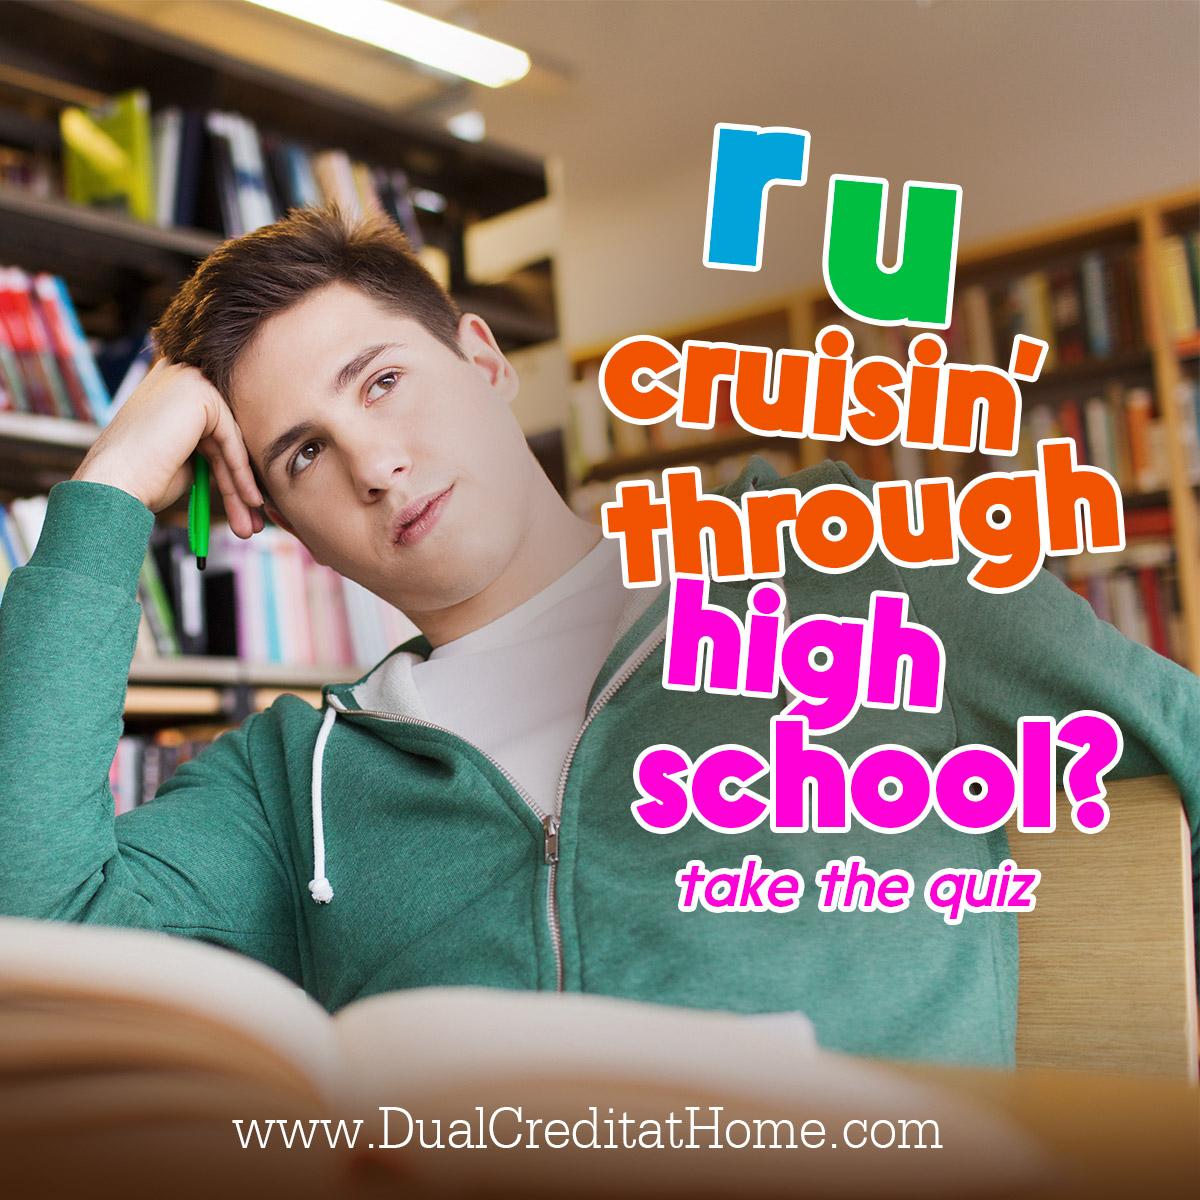 R U Cruisin Through High School? Take the Quiz